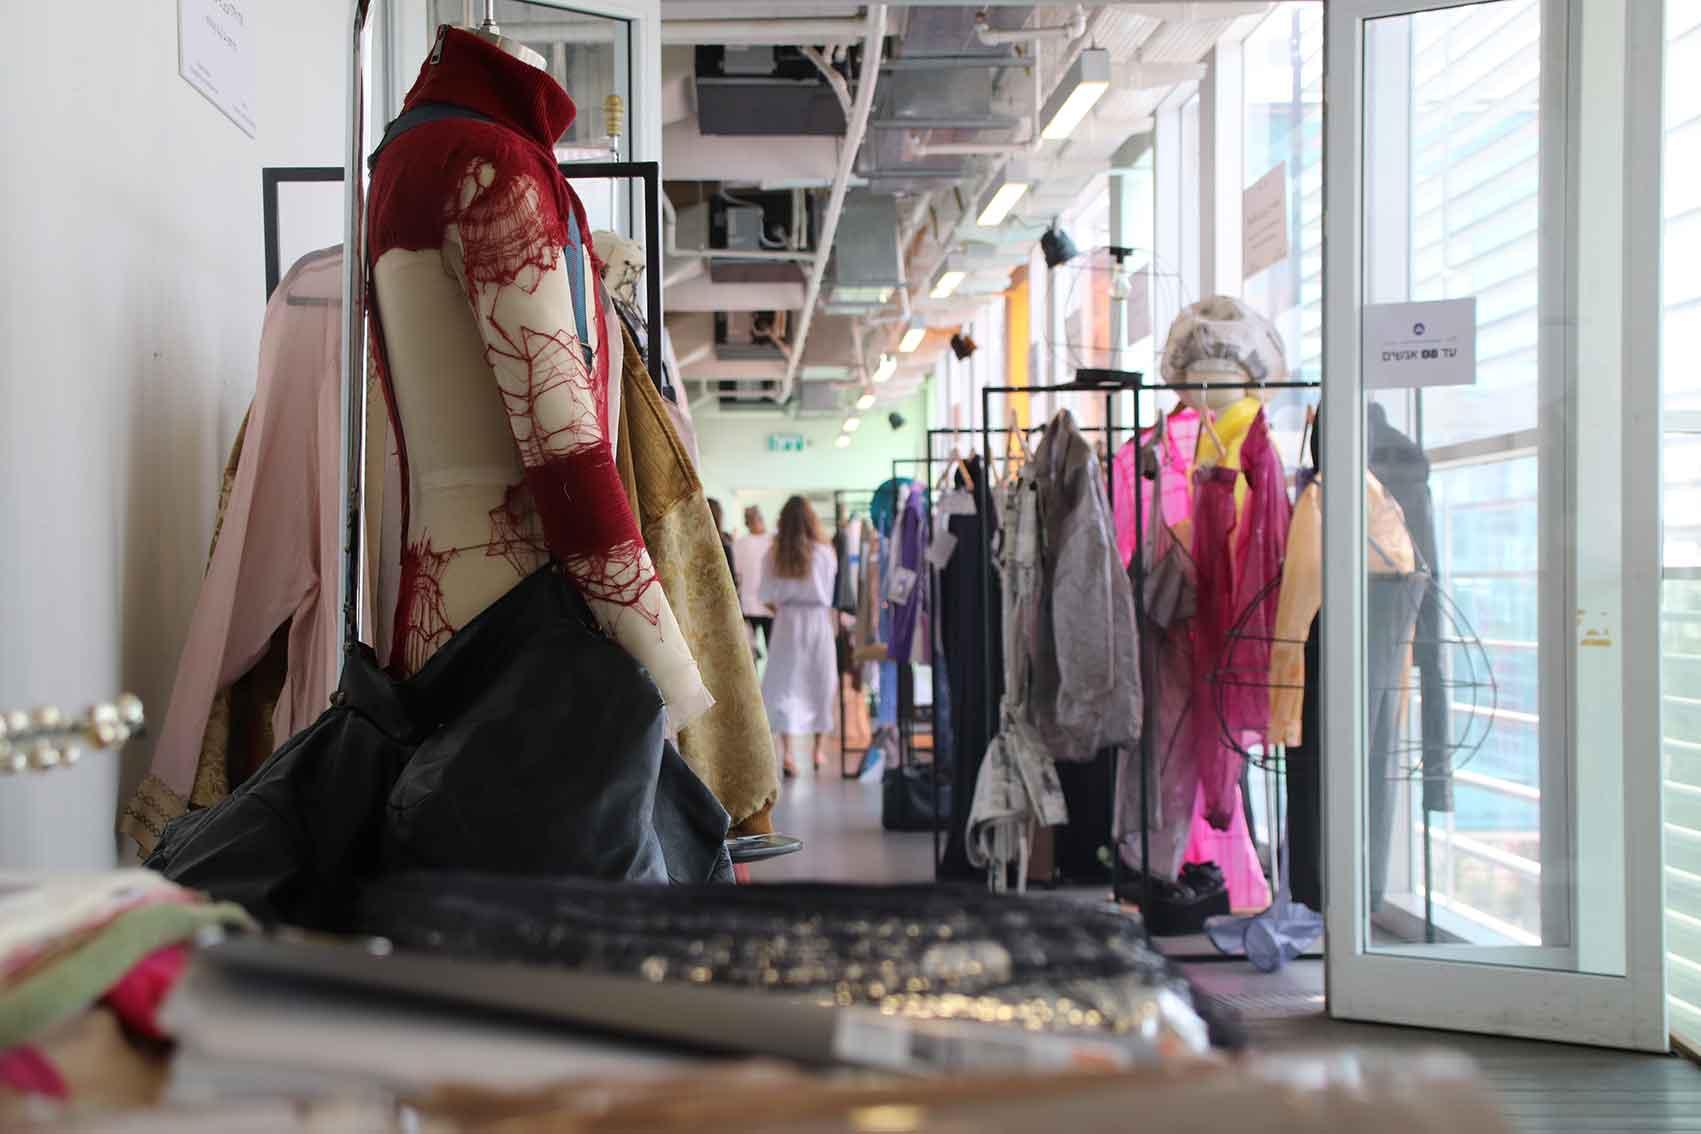 מגזין-אופנה-עיצוב-אופנה-שנקר-2020-אופנה-2021-חדשות